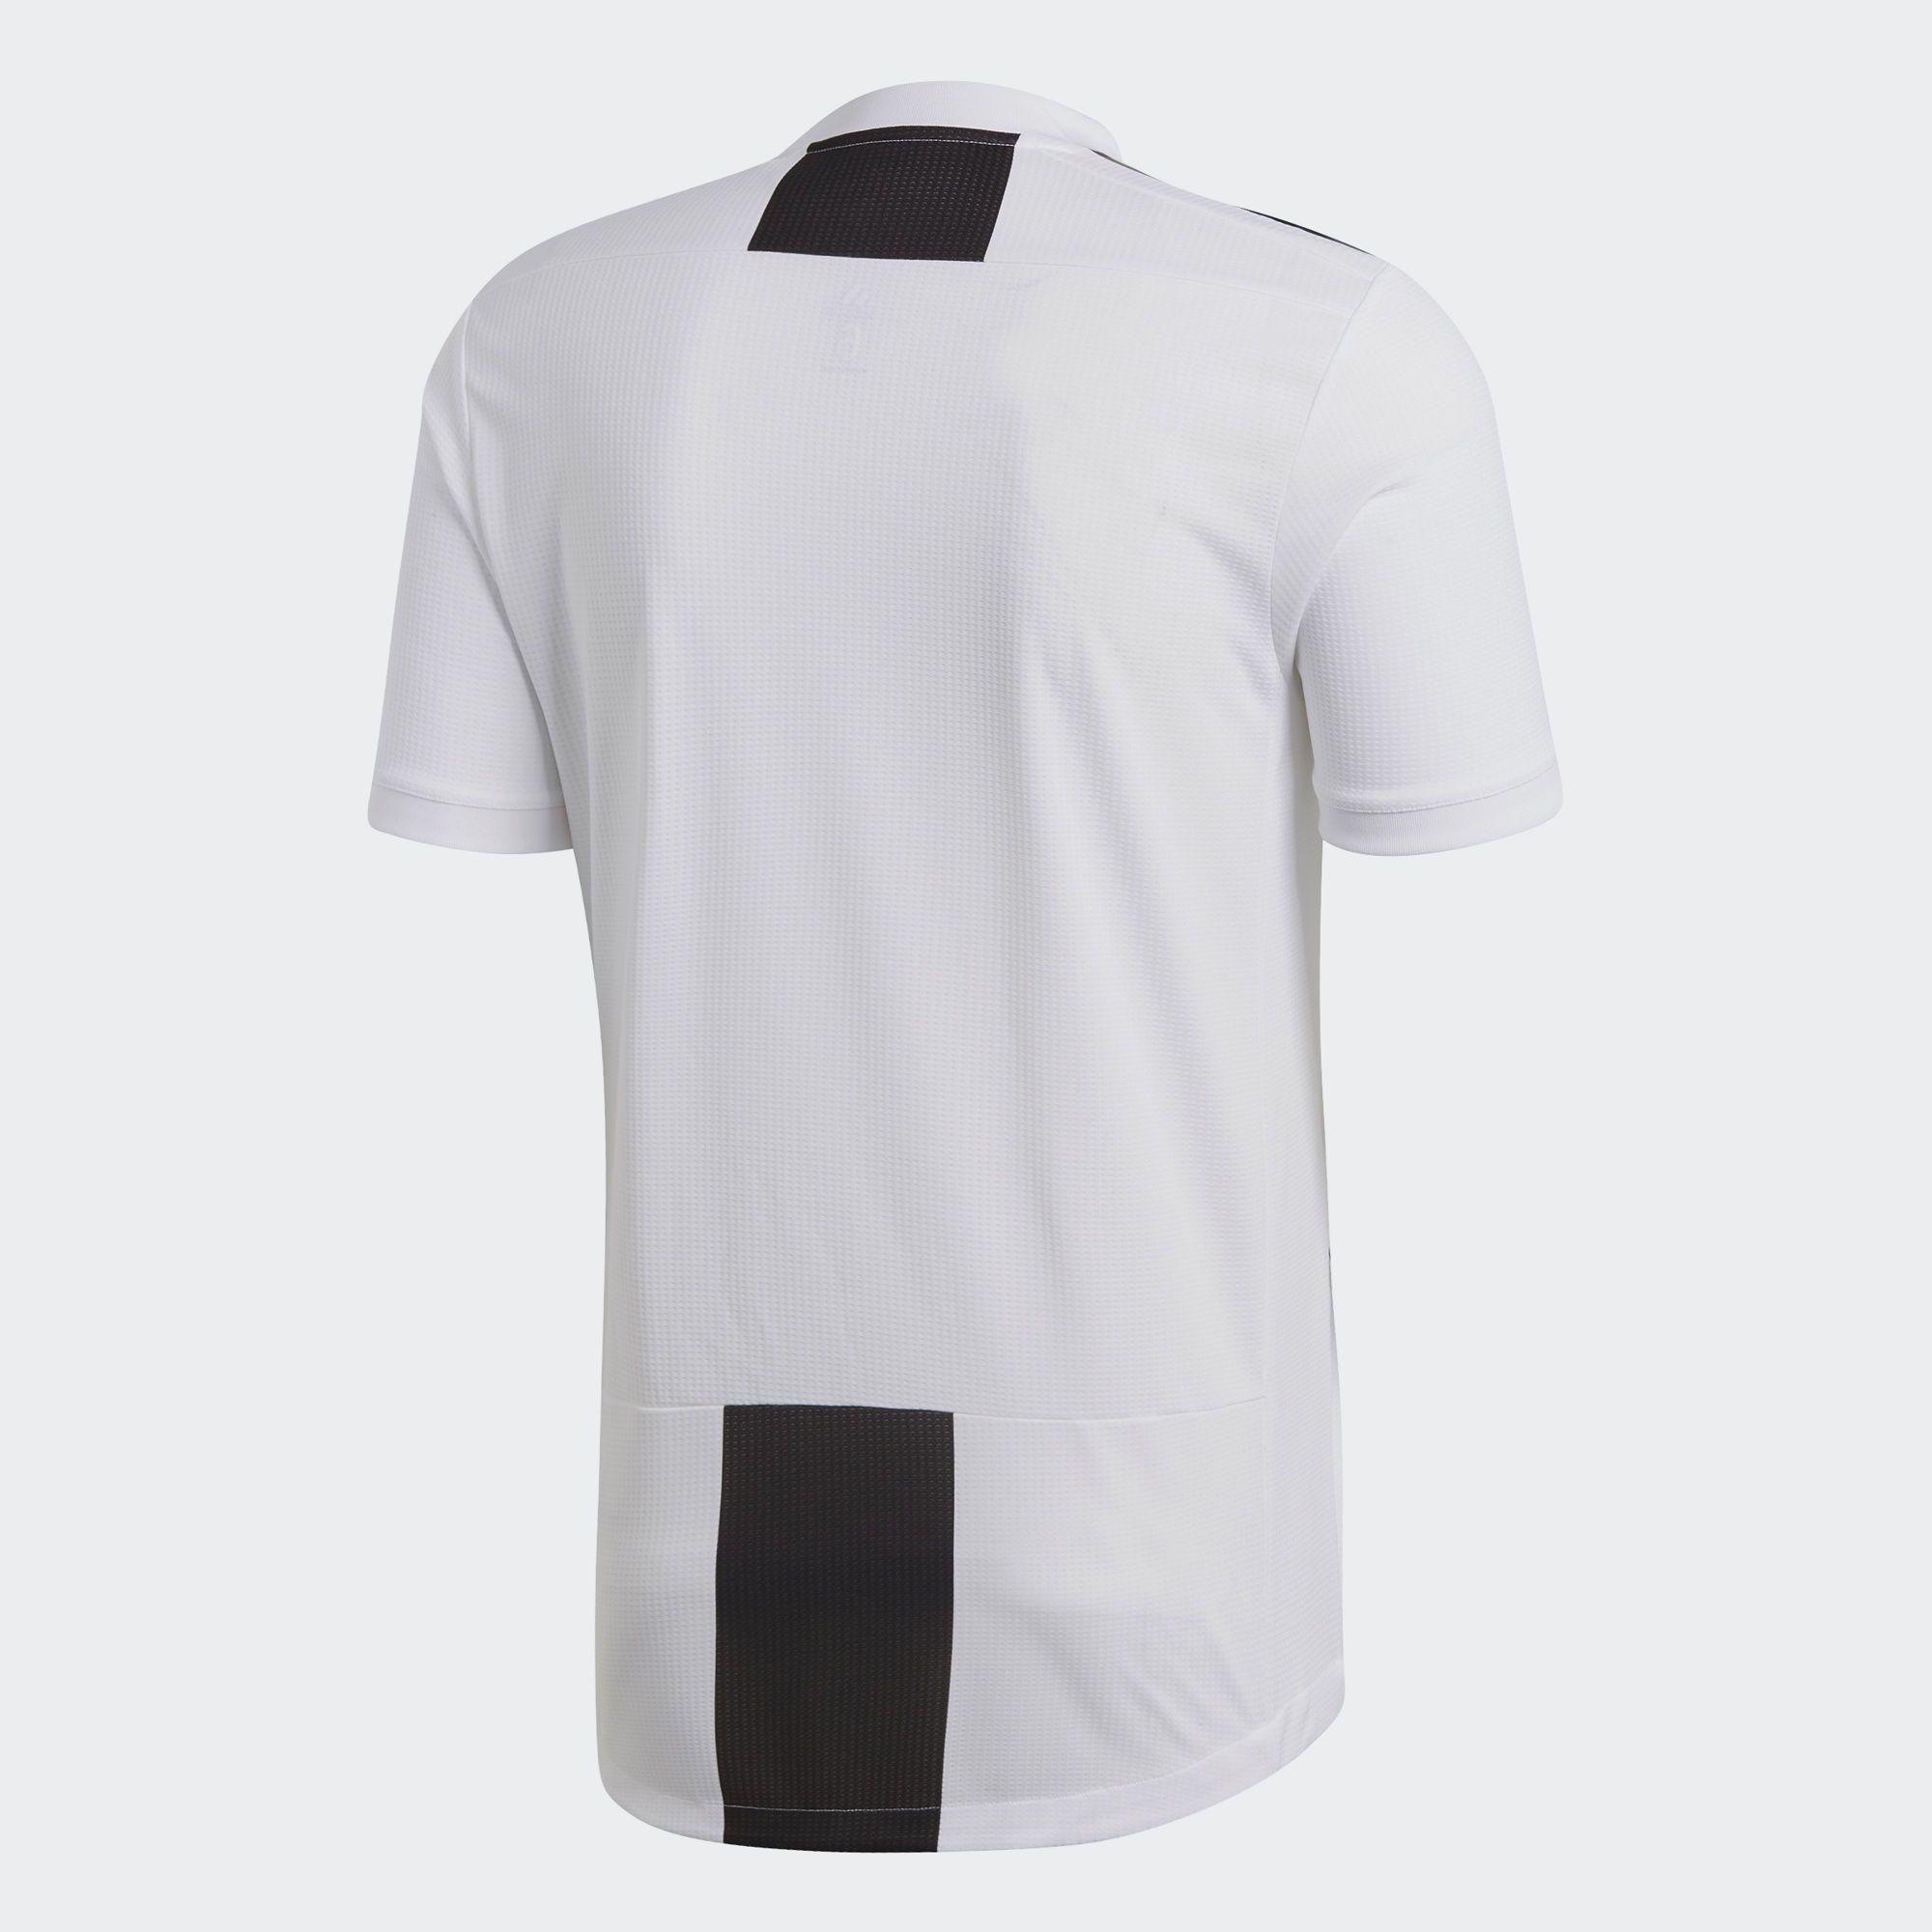 81acf9c04 Juventus 2018-19 Adidas Home Kit